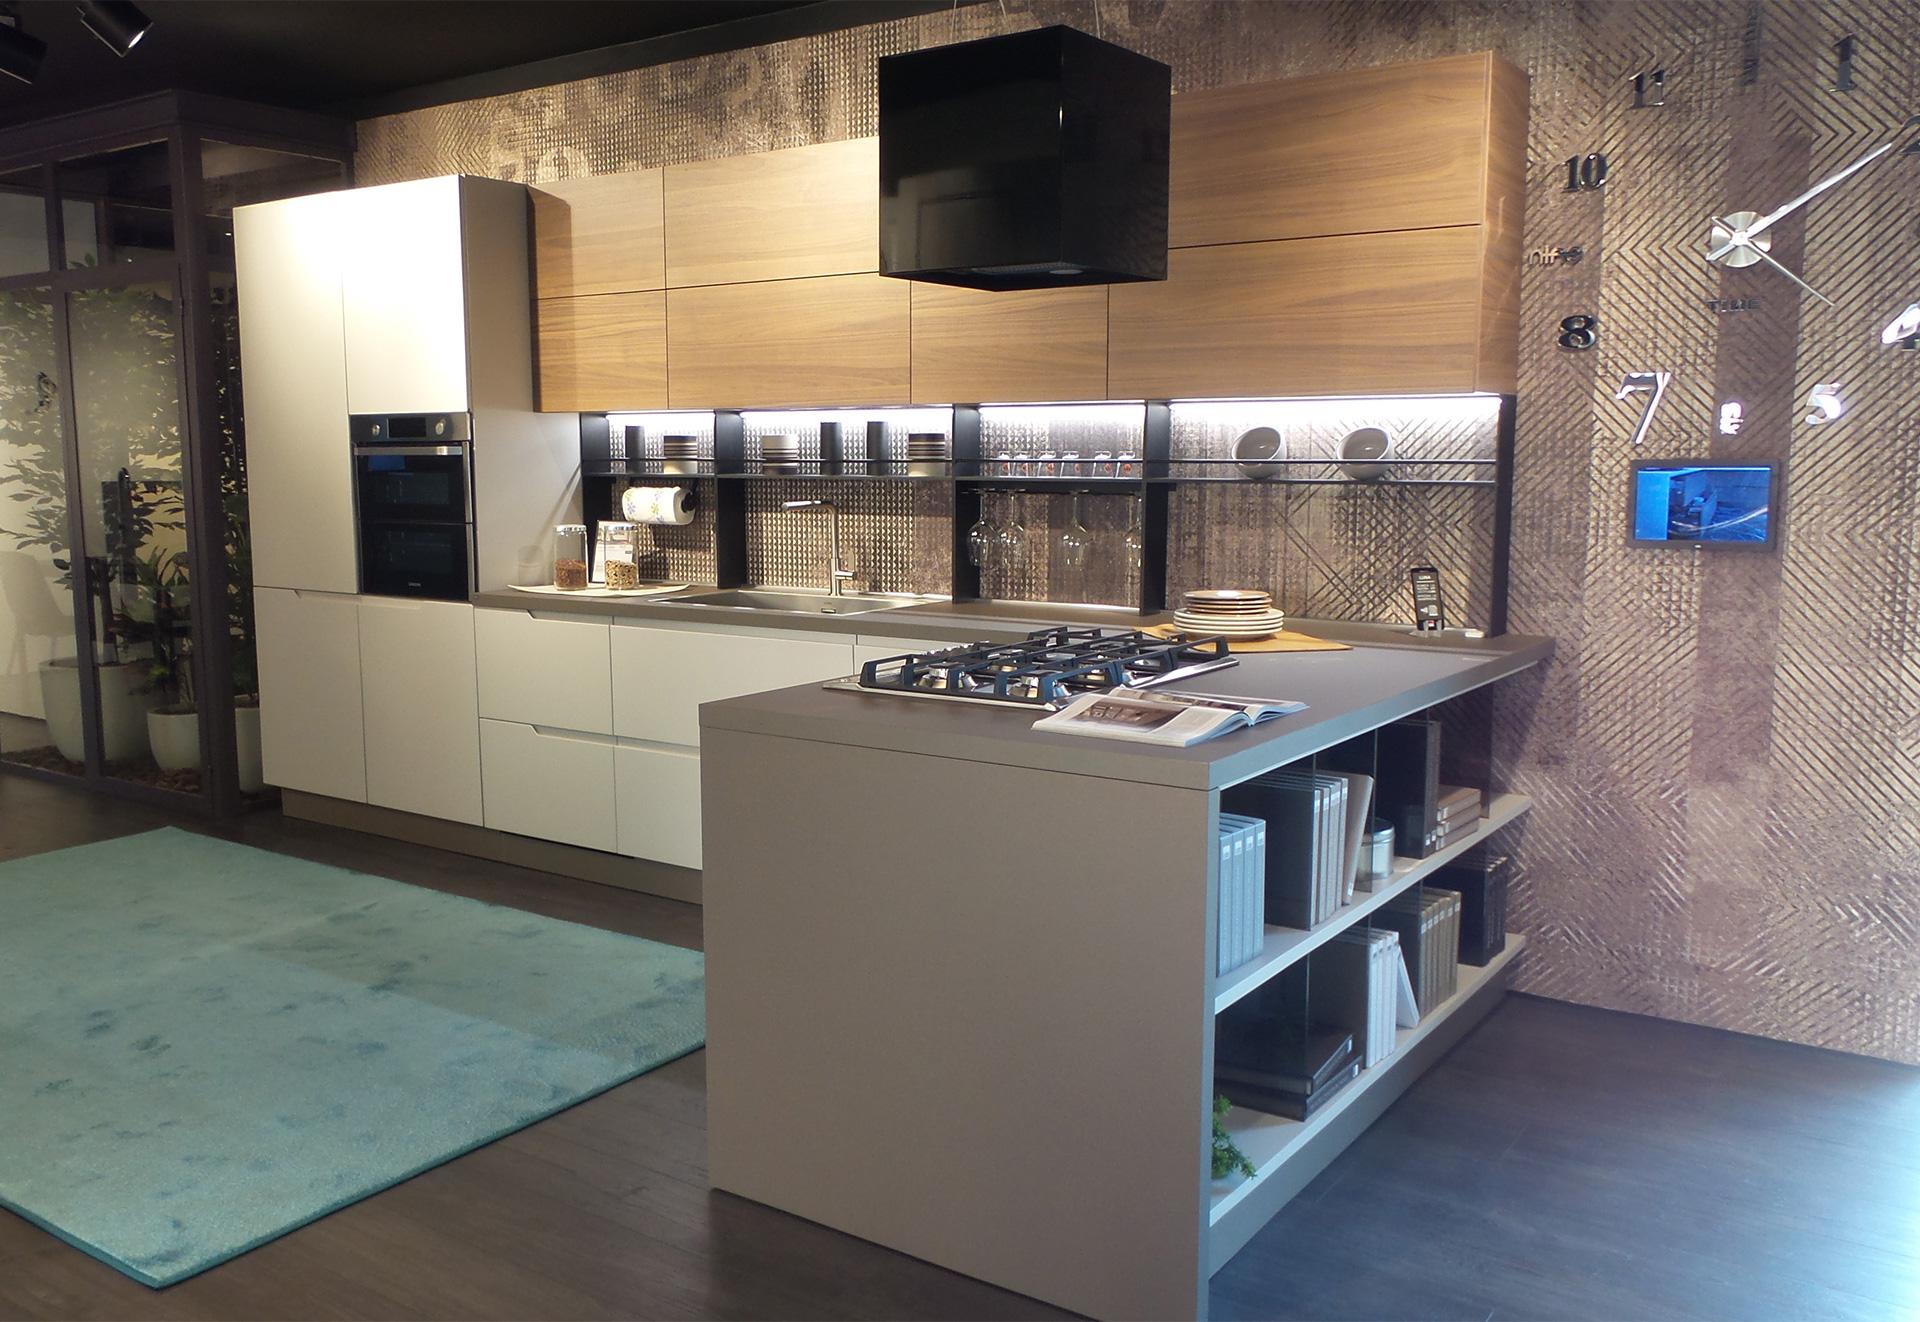 Il Gruppo Lube Inaugura Un Nuovo Store Lube E Creo A Lissone Cucine Lube